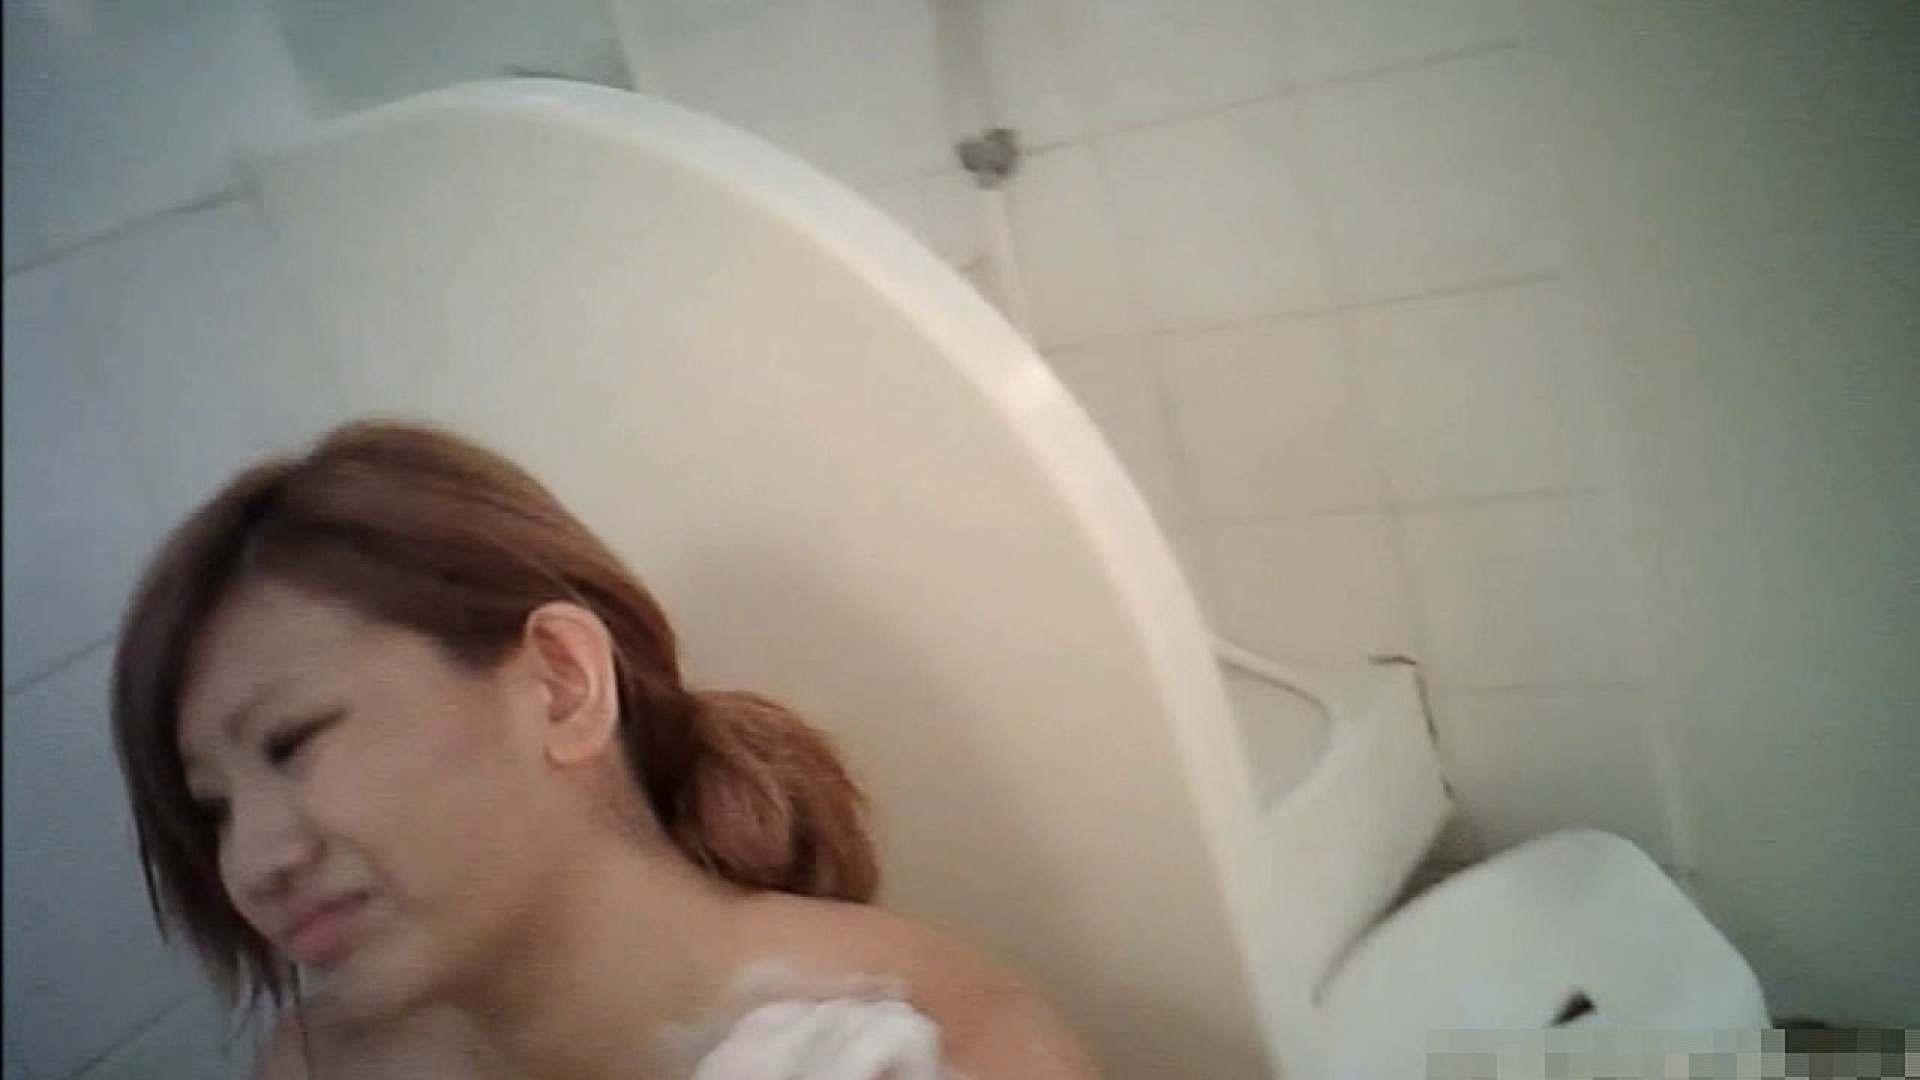 セックスアダルト動画|vol.7 【Mちゃん(入浴)】ブランド品査定士19歳 巨乳ギャル|怪盗ジョーカー